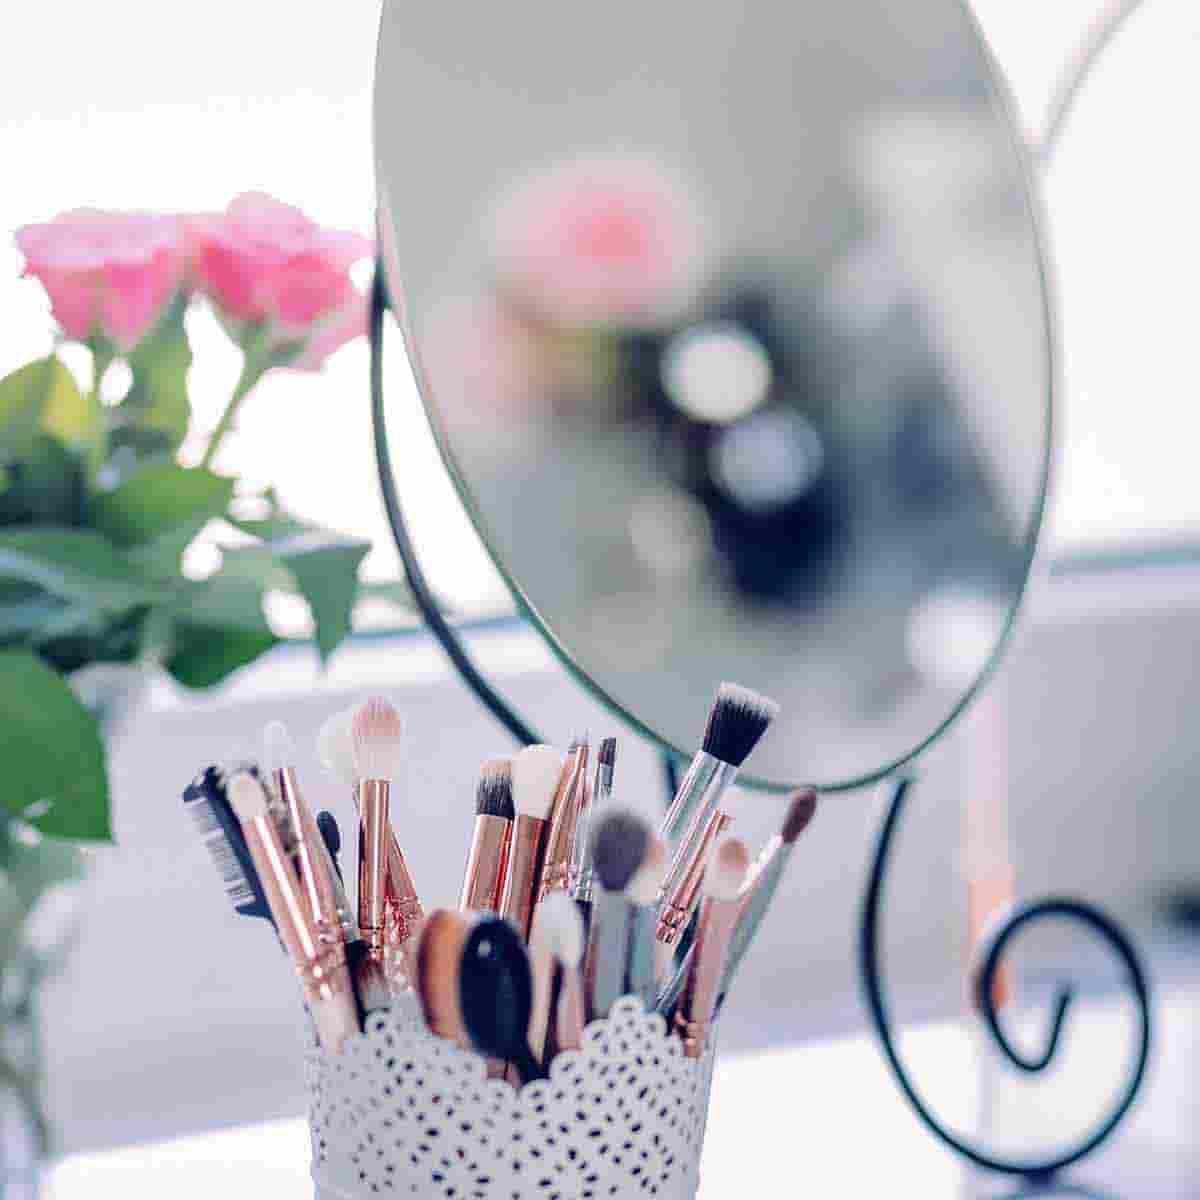 magenes de espejos decorativos